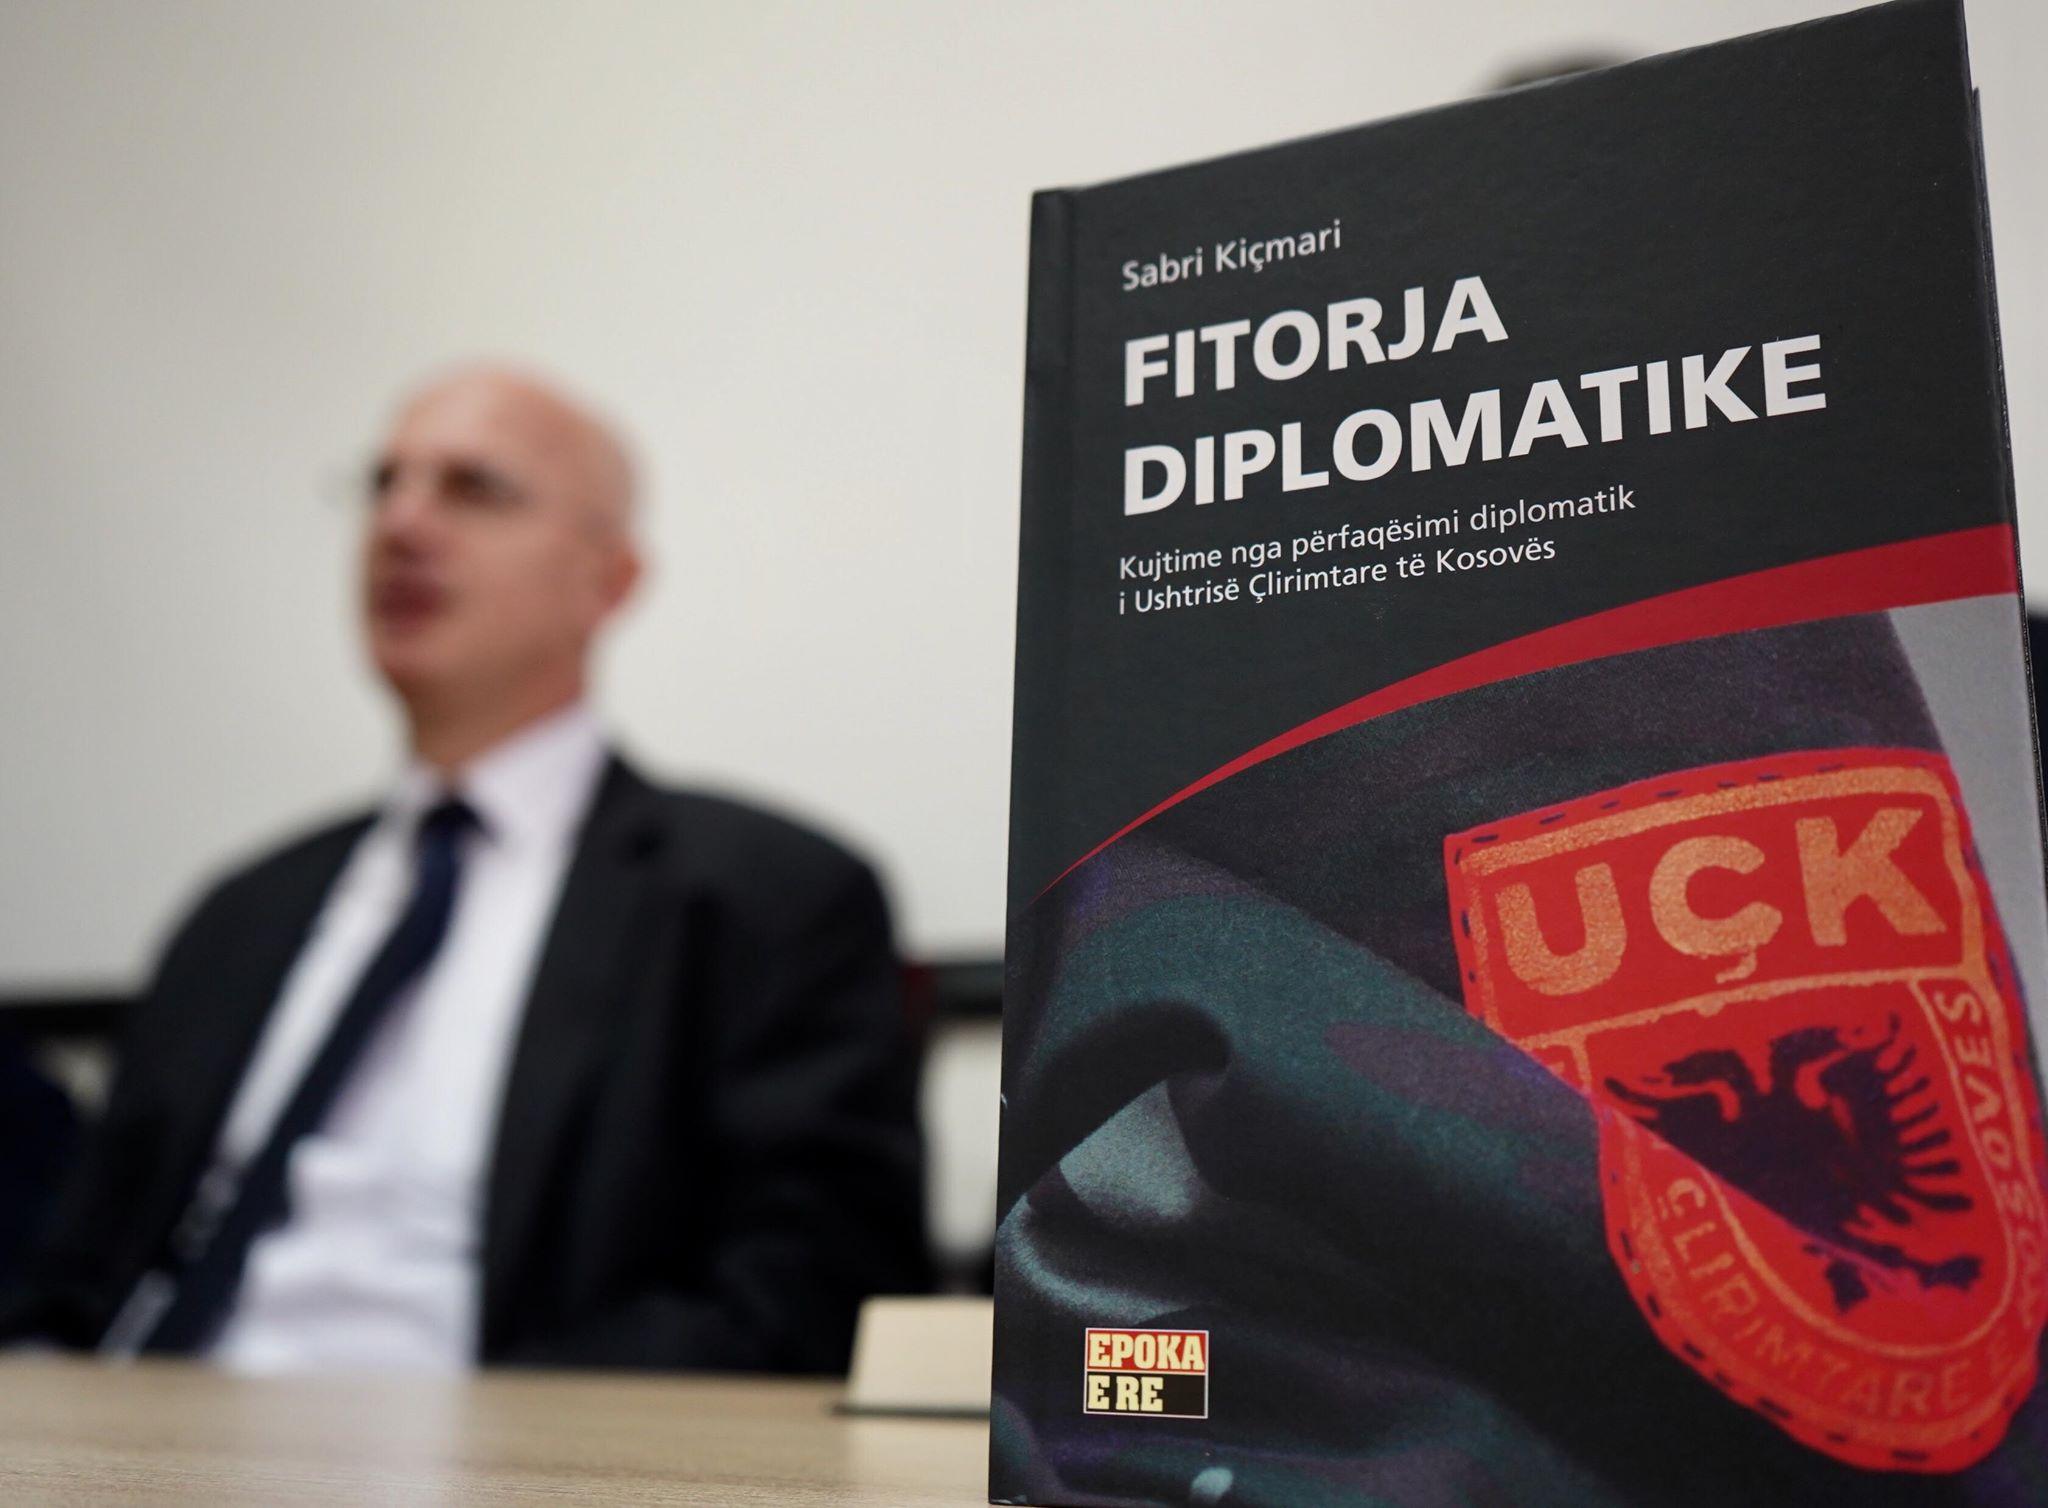 Sabri Kiçmari publikon librin për diplomacinë e UÇK-së